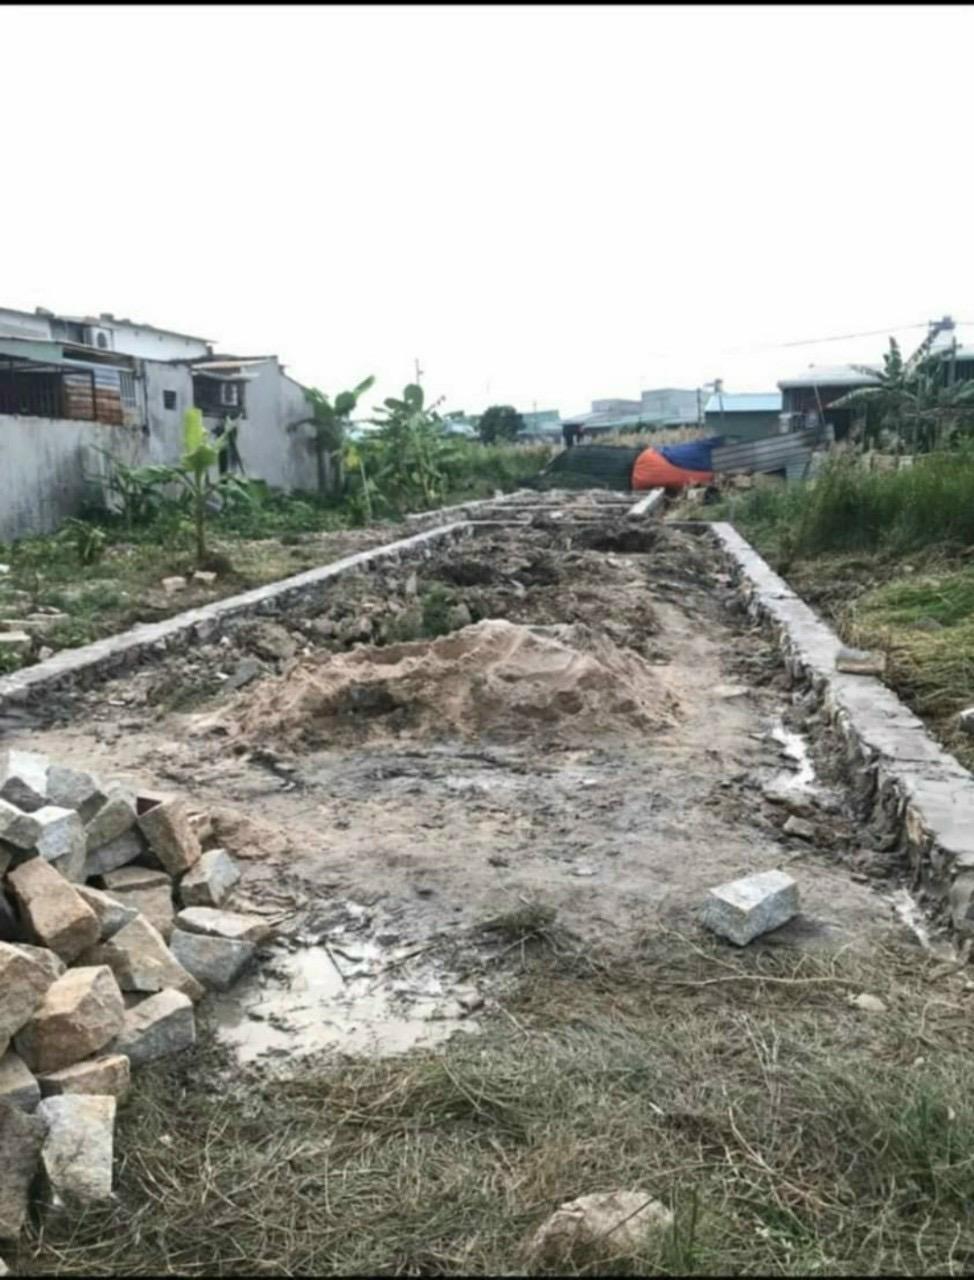 Bán đất Vũng Tàu hẻm 888, sổ riêng nông nghiệp